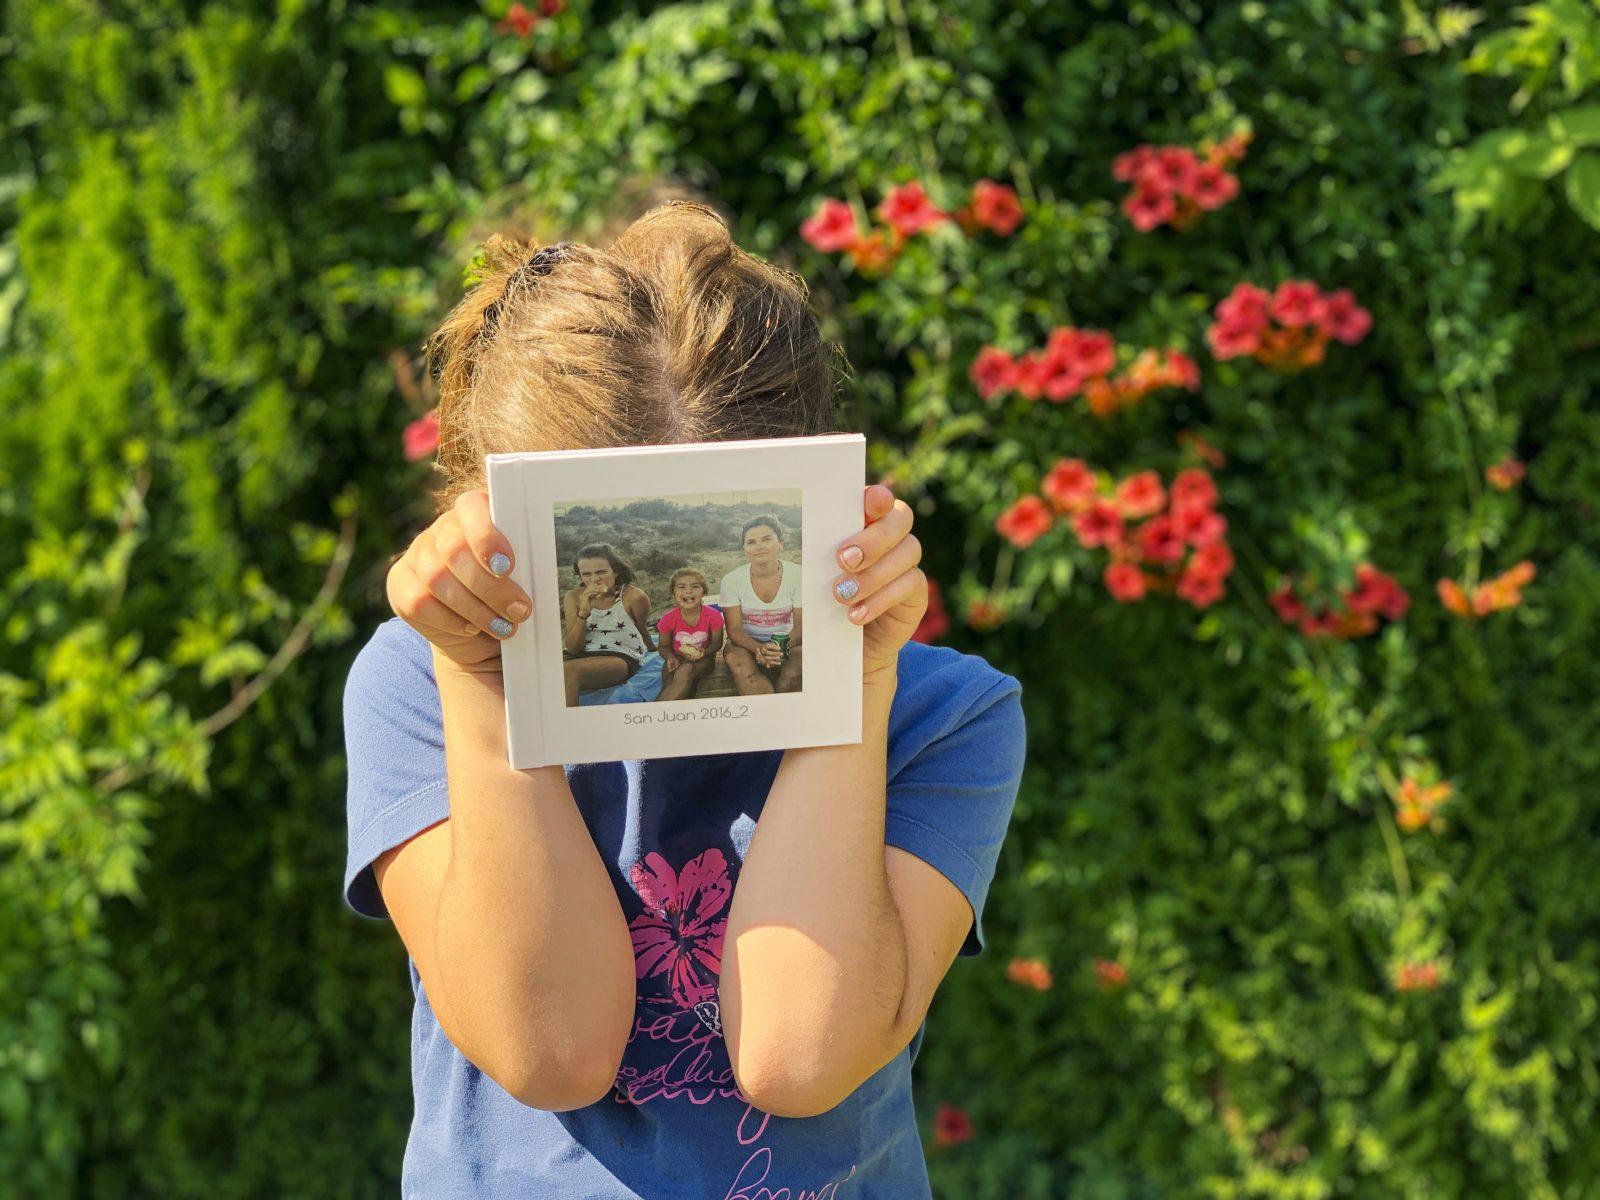 dziewczynka trzyma album ze zdjeciami printu